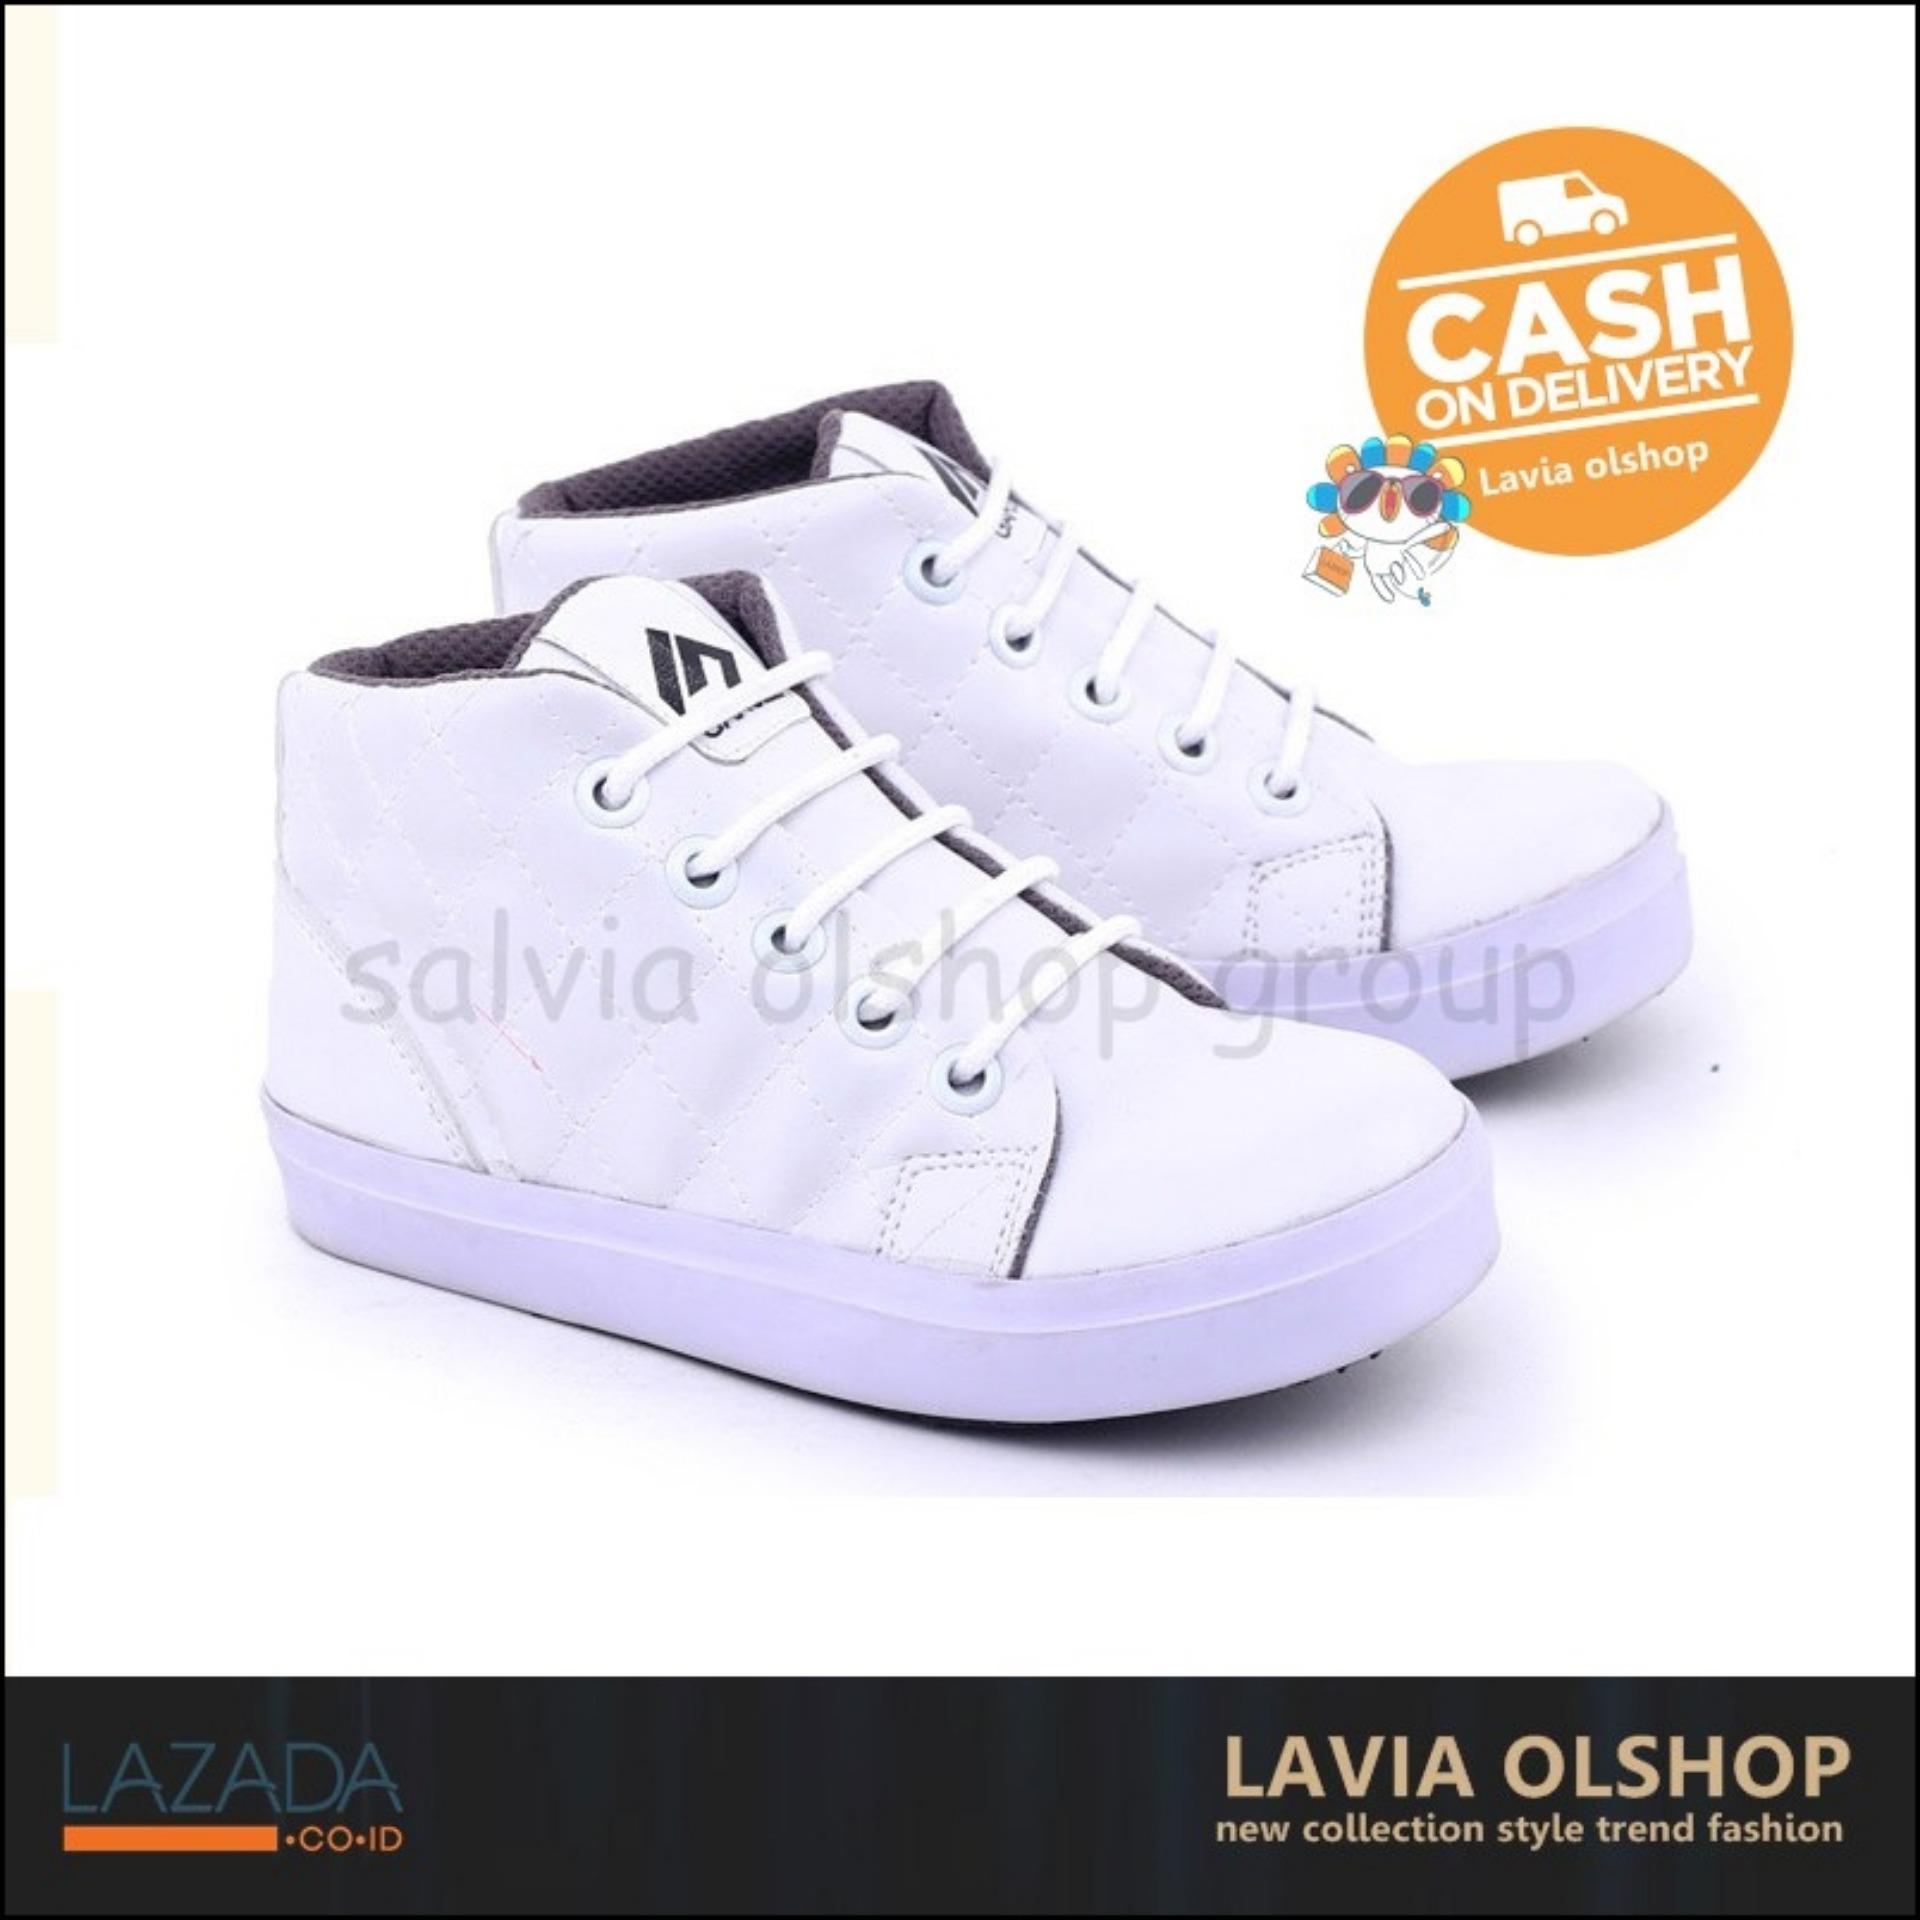 Shoes Sepatu Sneakers Anak Perempuan Lucu Dan Modis Model Terbaru GNW 9565 - Putih